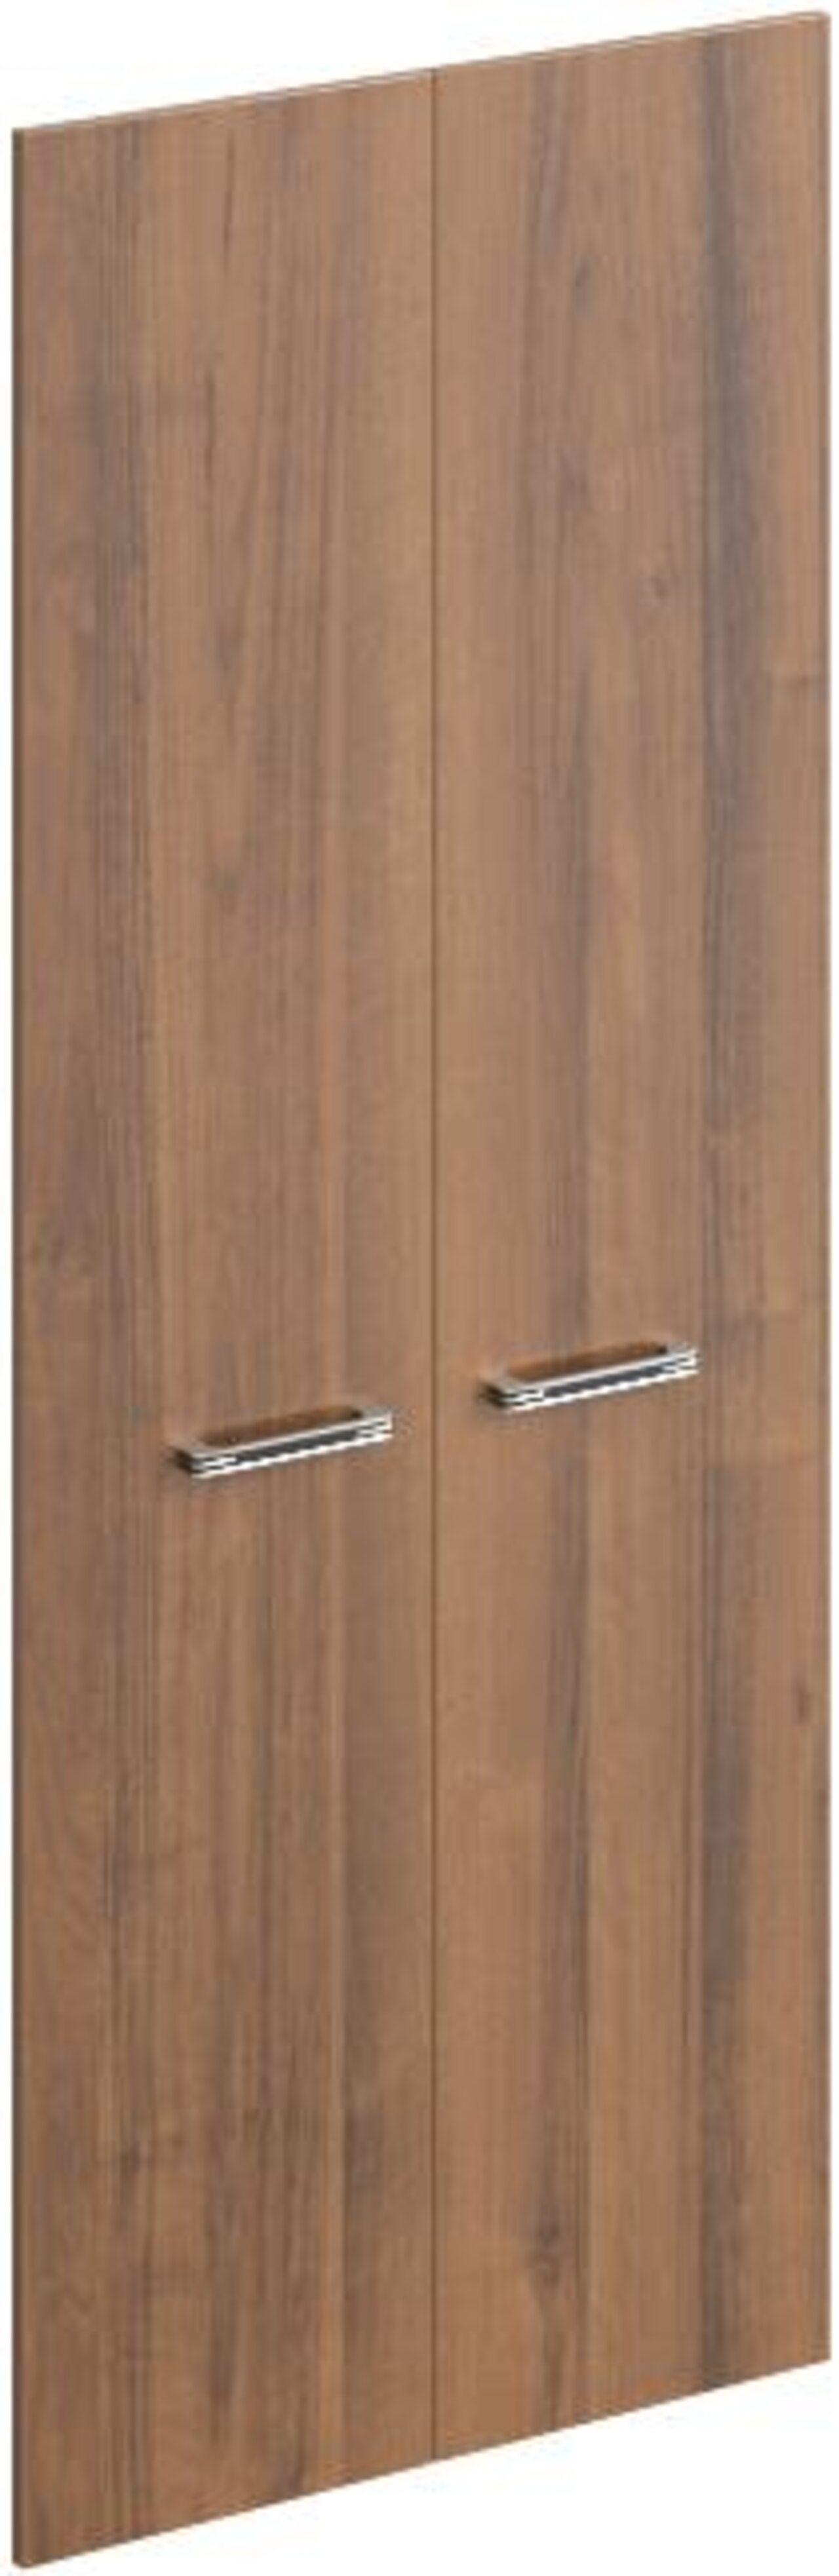 Комплект высоких дверей  Дельта 73x2x192 - фото 3